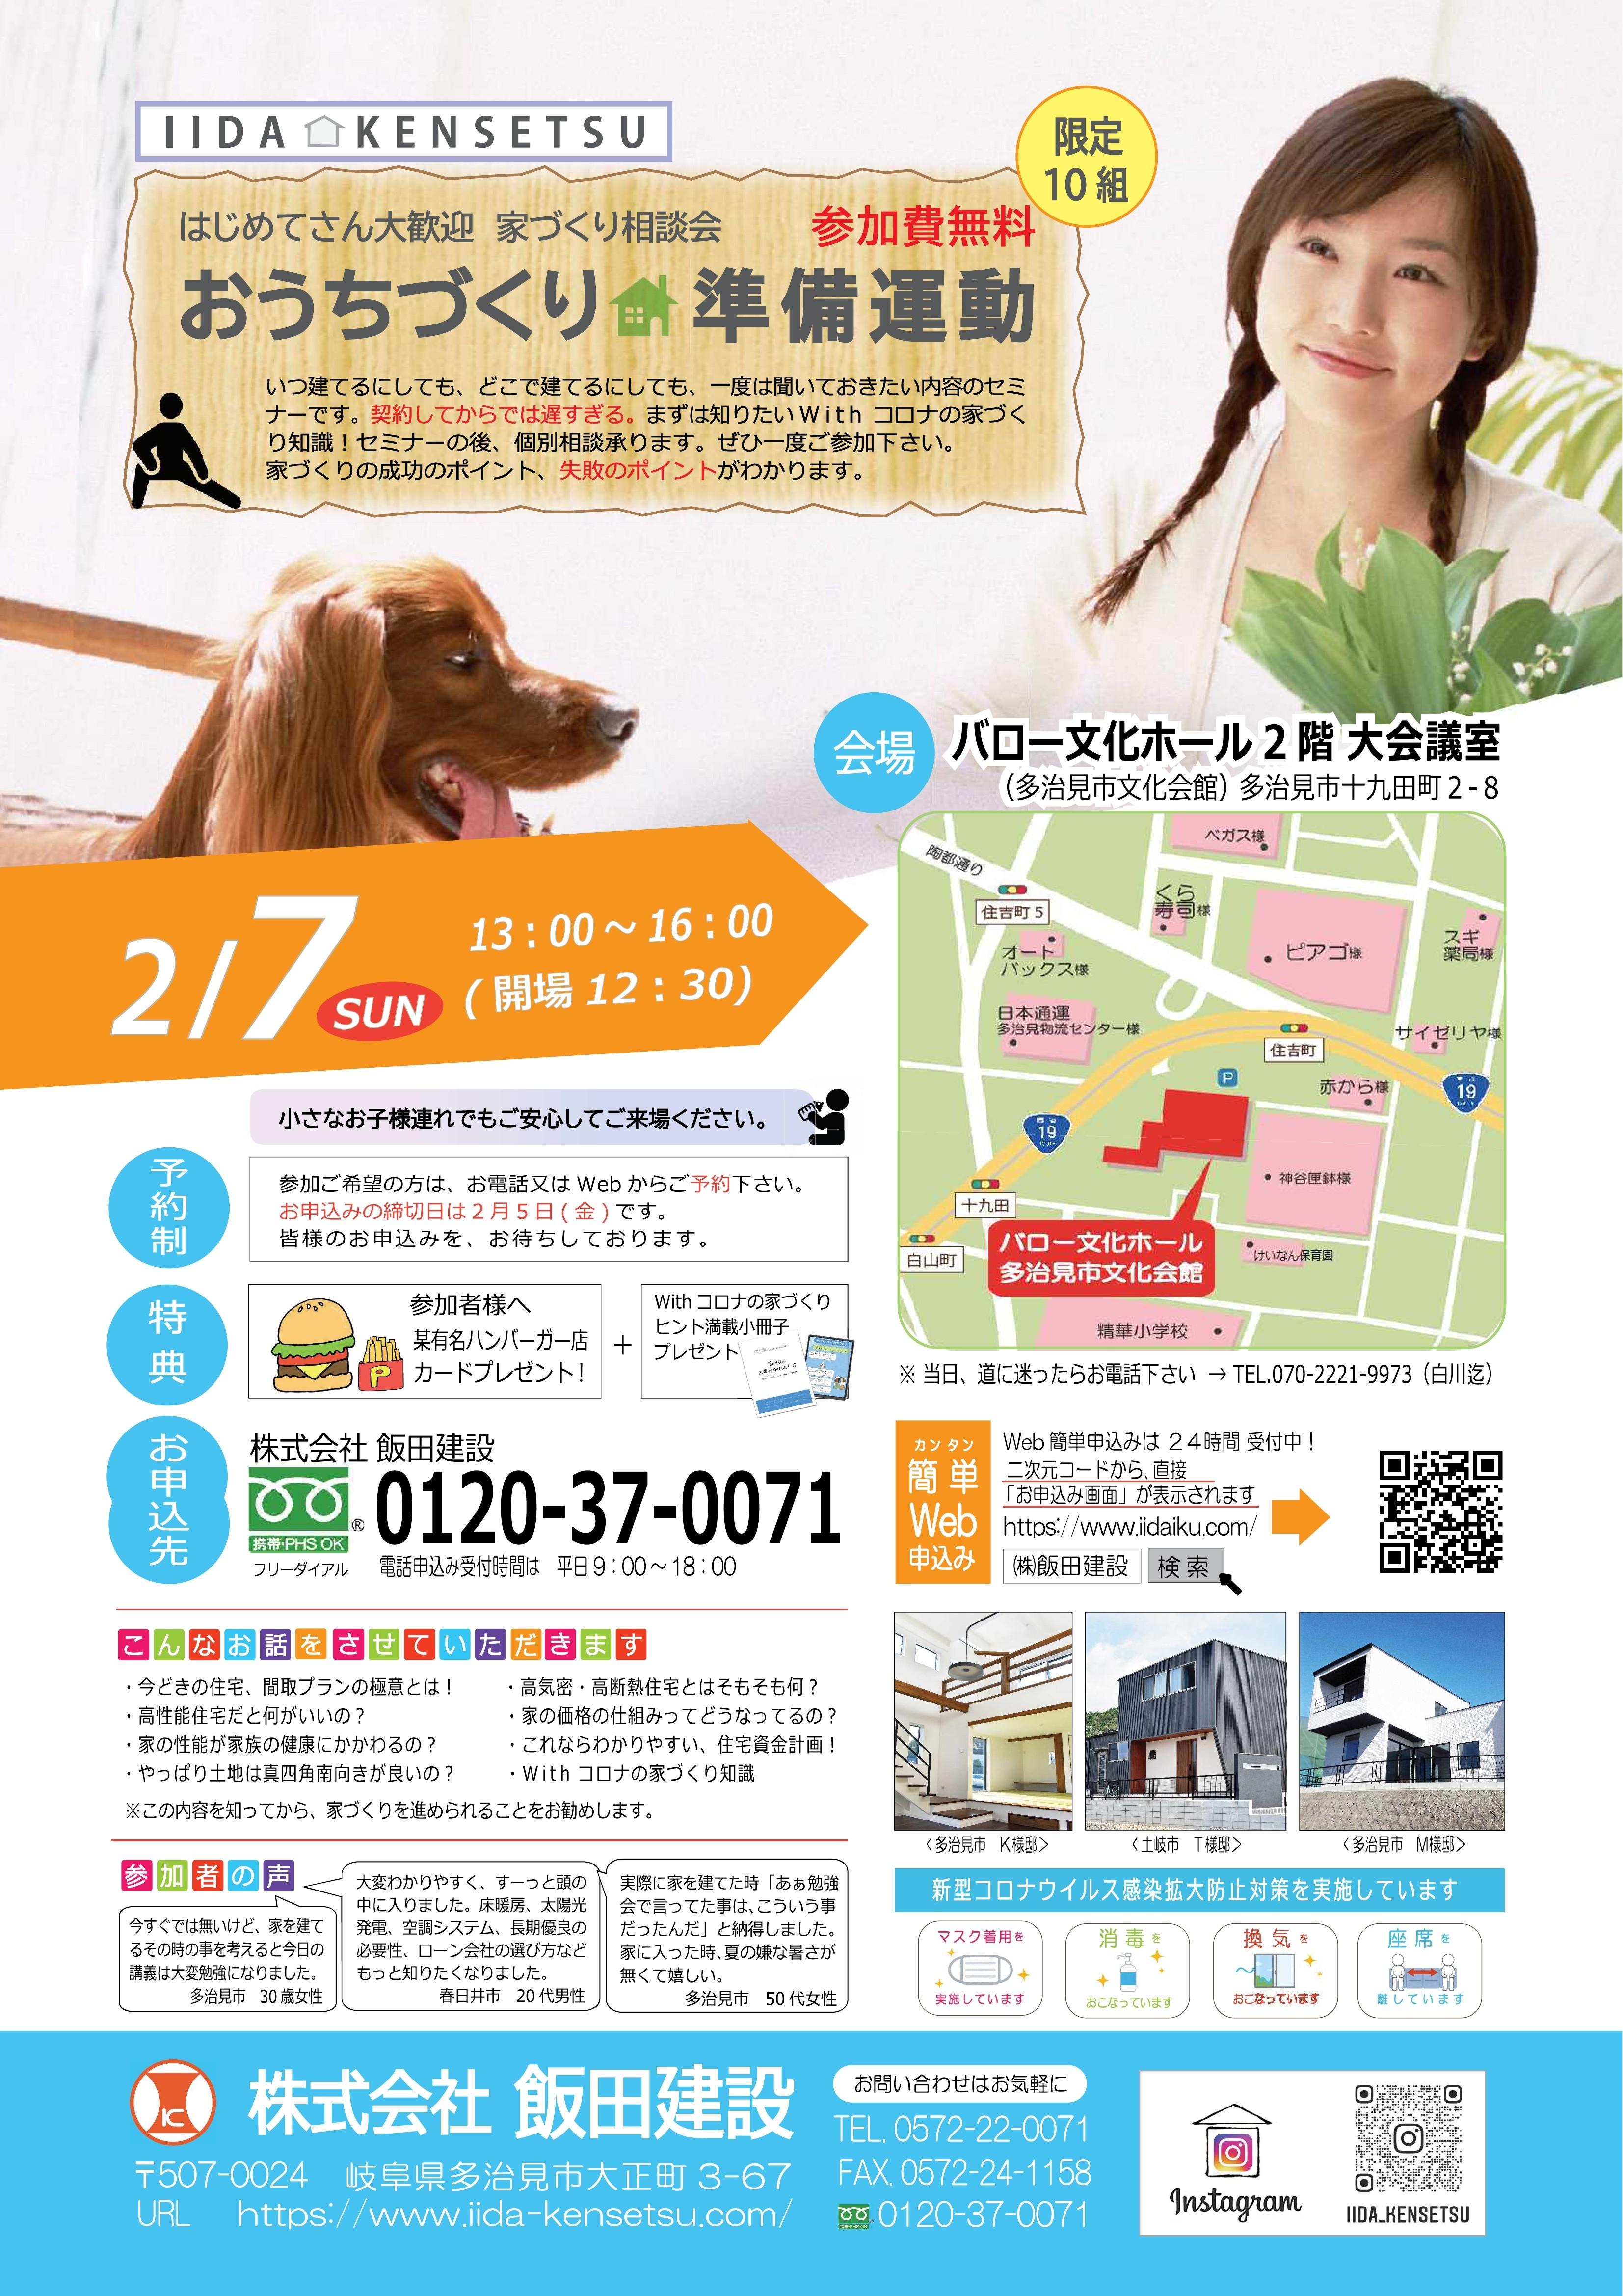 20210207おうちづくり準備運動A4-2確認PDF.jpg